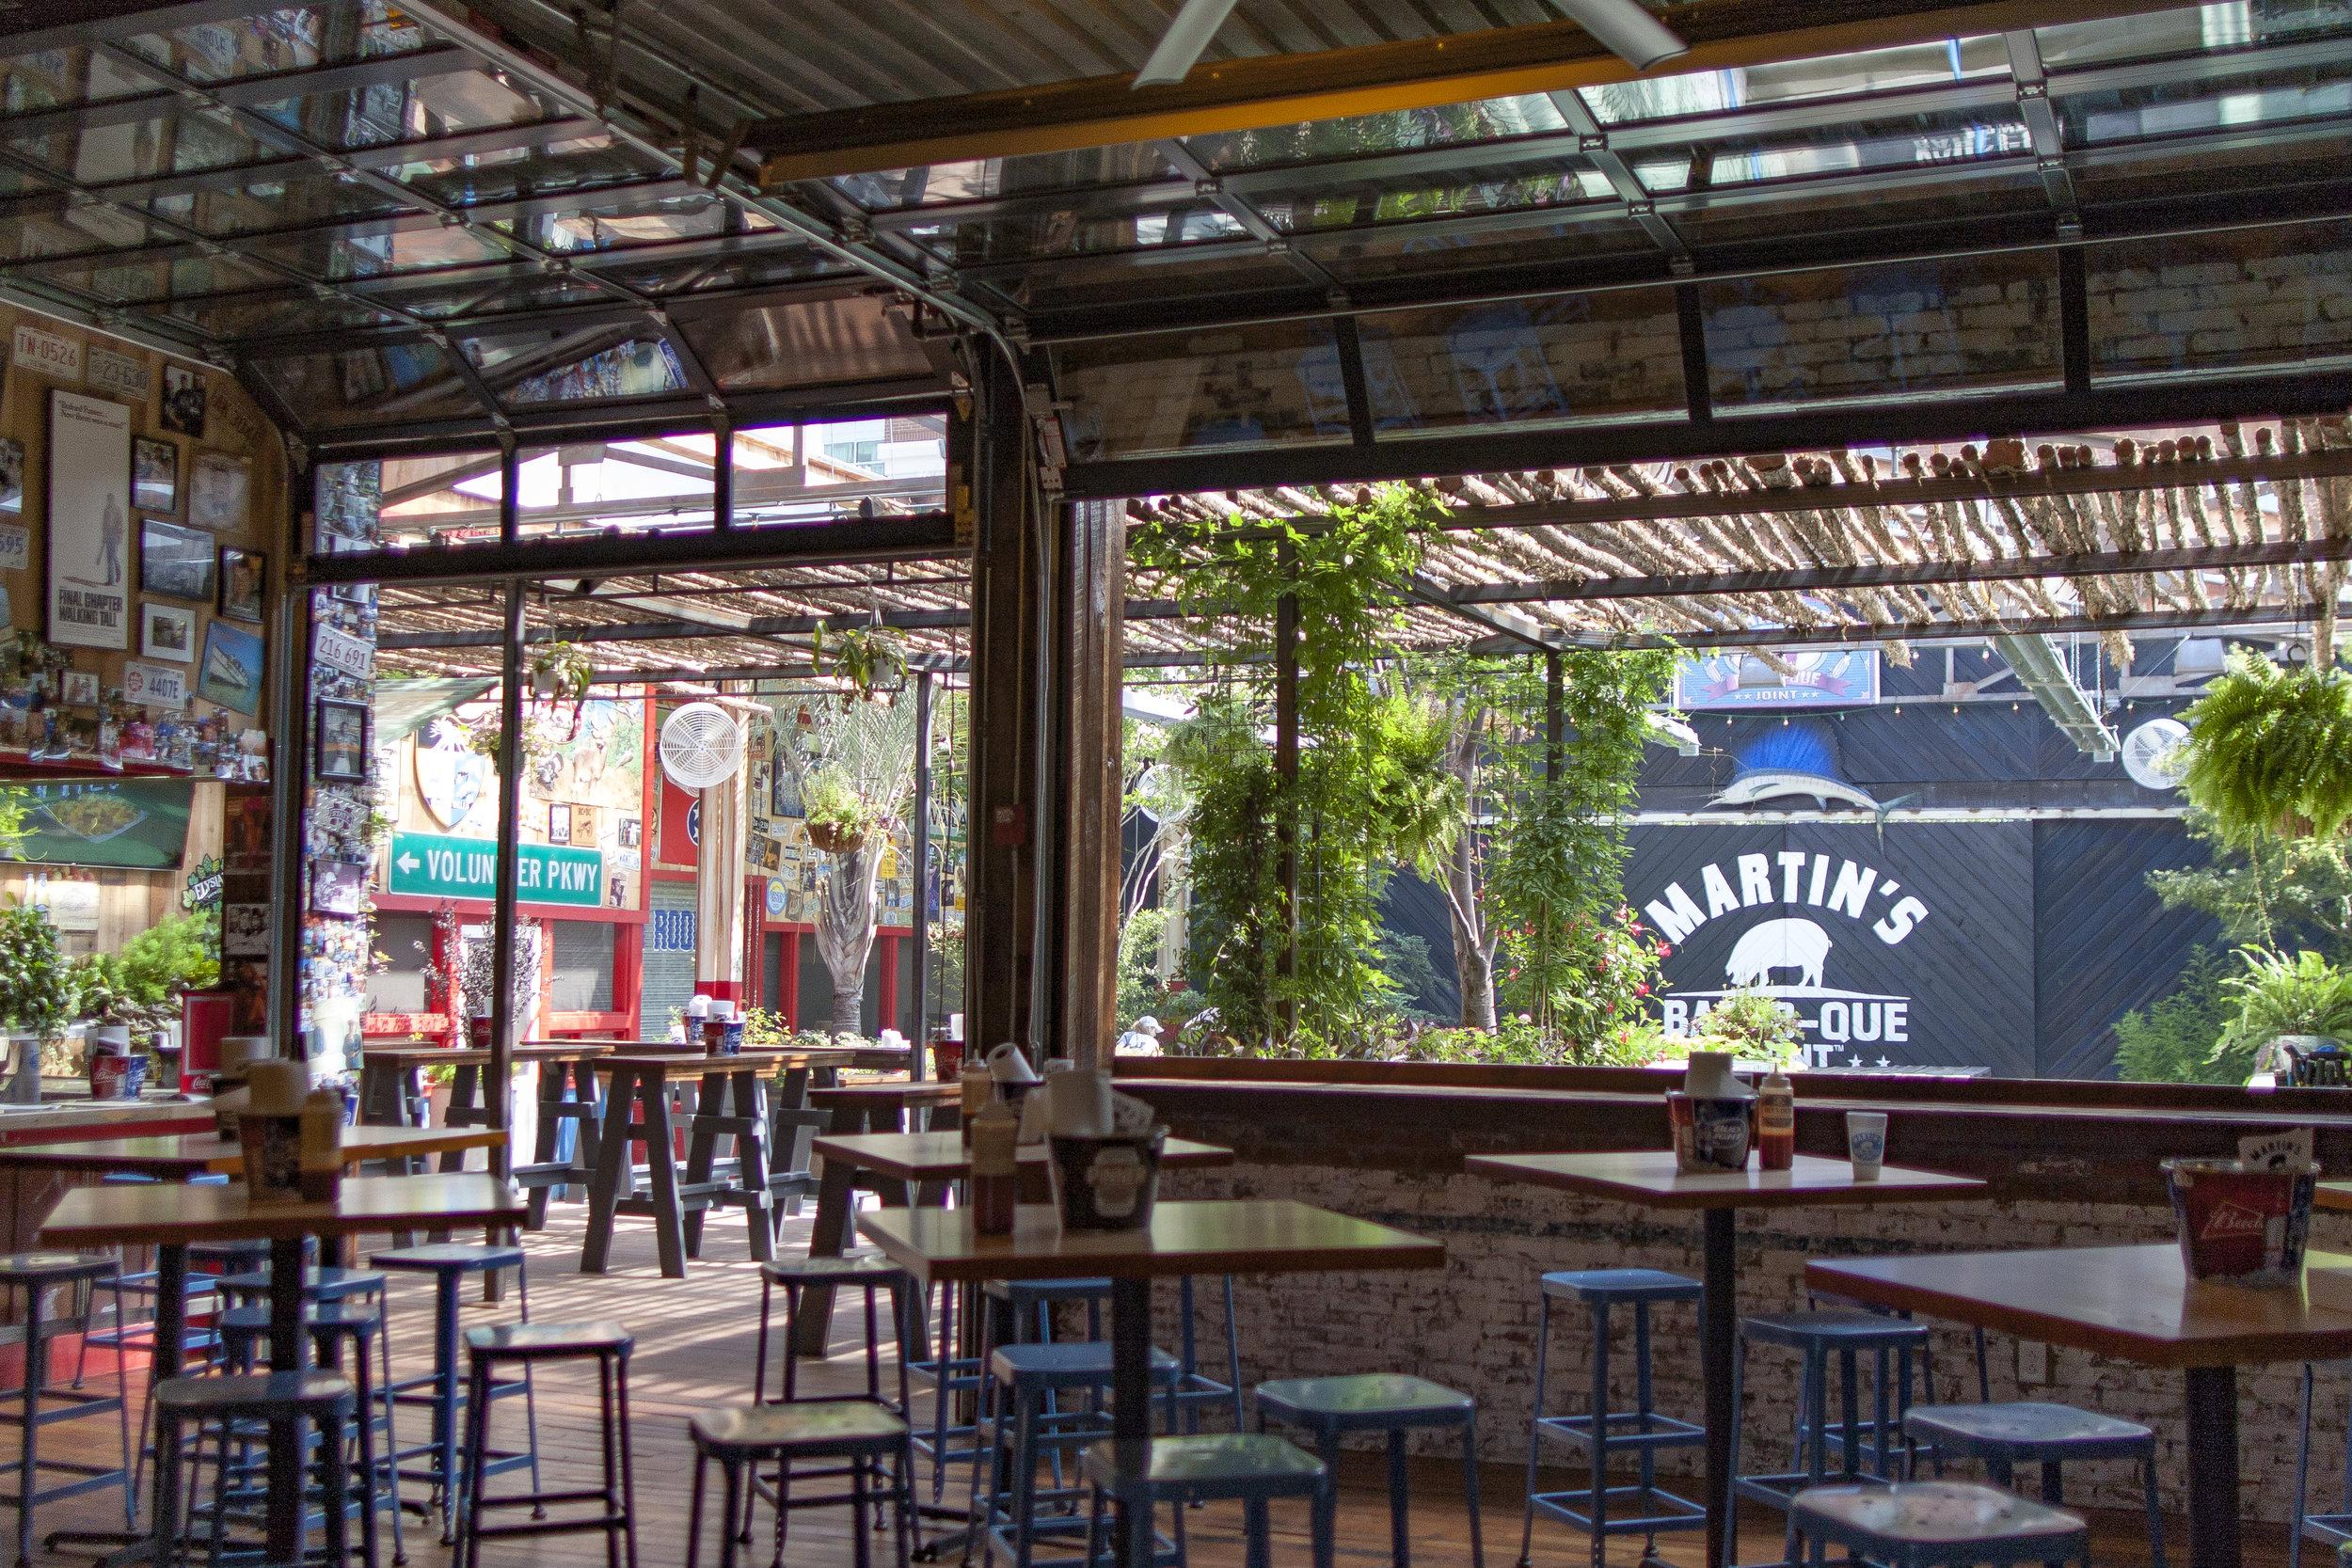 Martin's BBQ Beer Garden